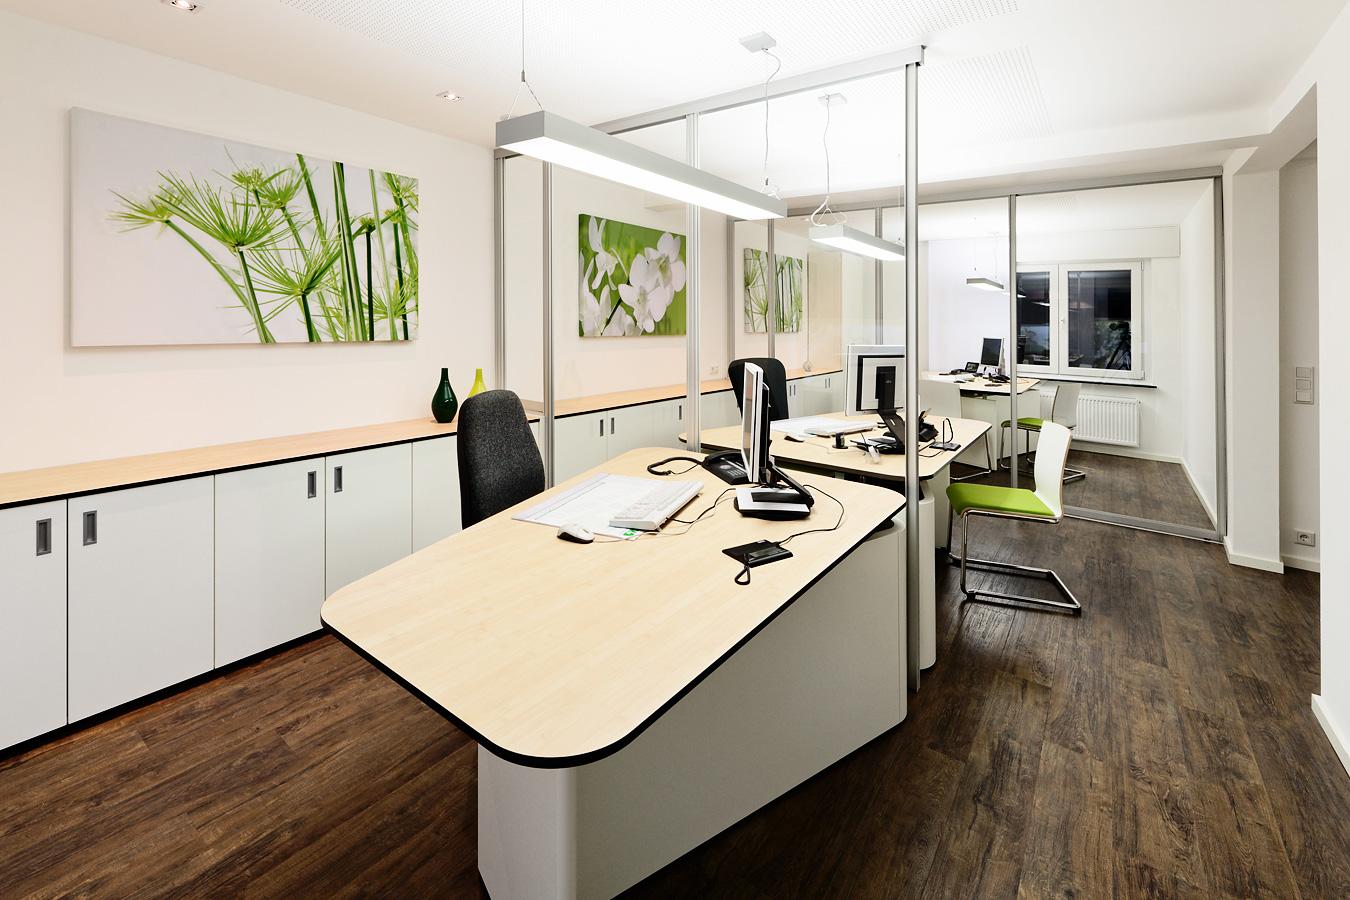 Büro Innenarchitektur innenarchitektur fotografie versicherungsbüro martin wissen